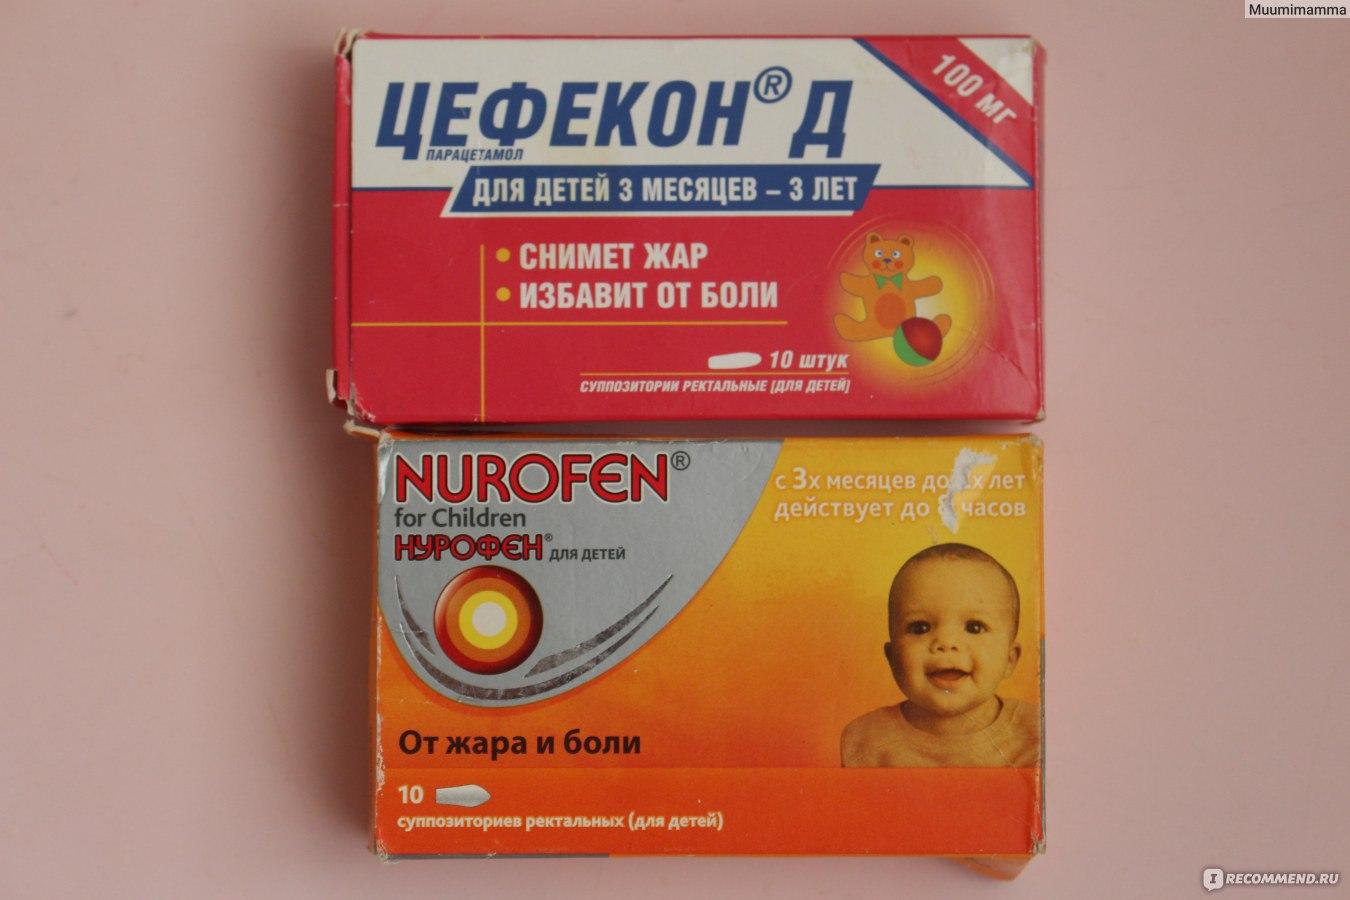 Для грудных детей от 1 до 3 месяцев, вес тела которых не превышает 6 кг., доза составляет одну капсулу с количеством действующего вещества 50 мг.